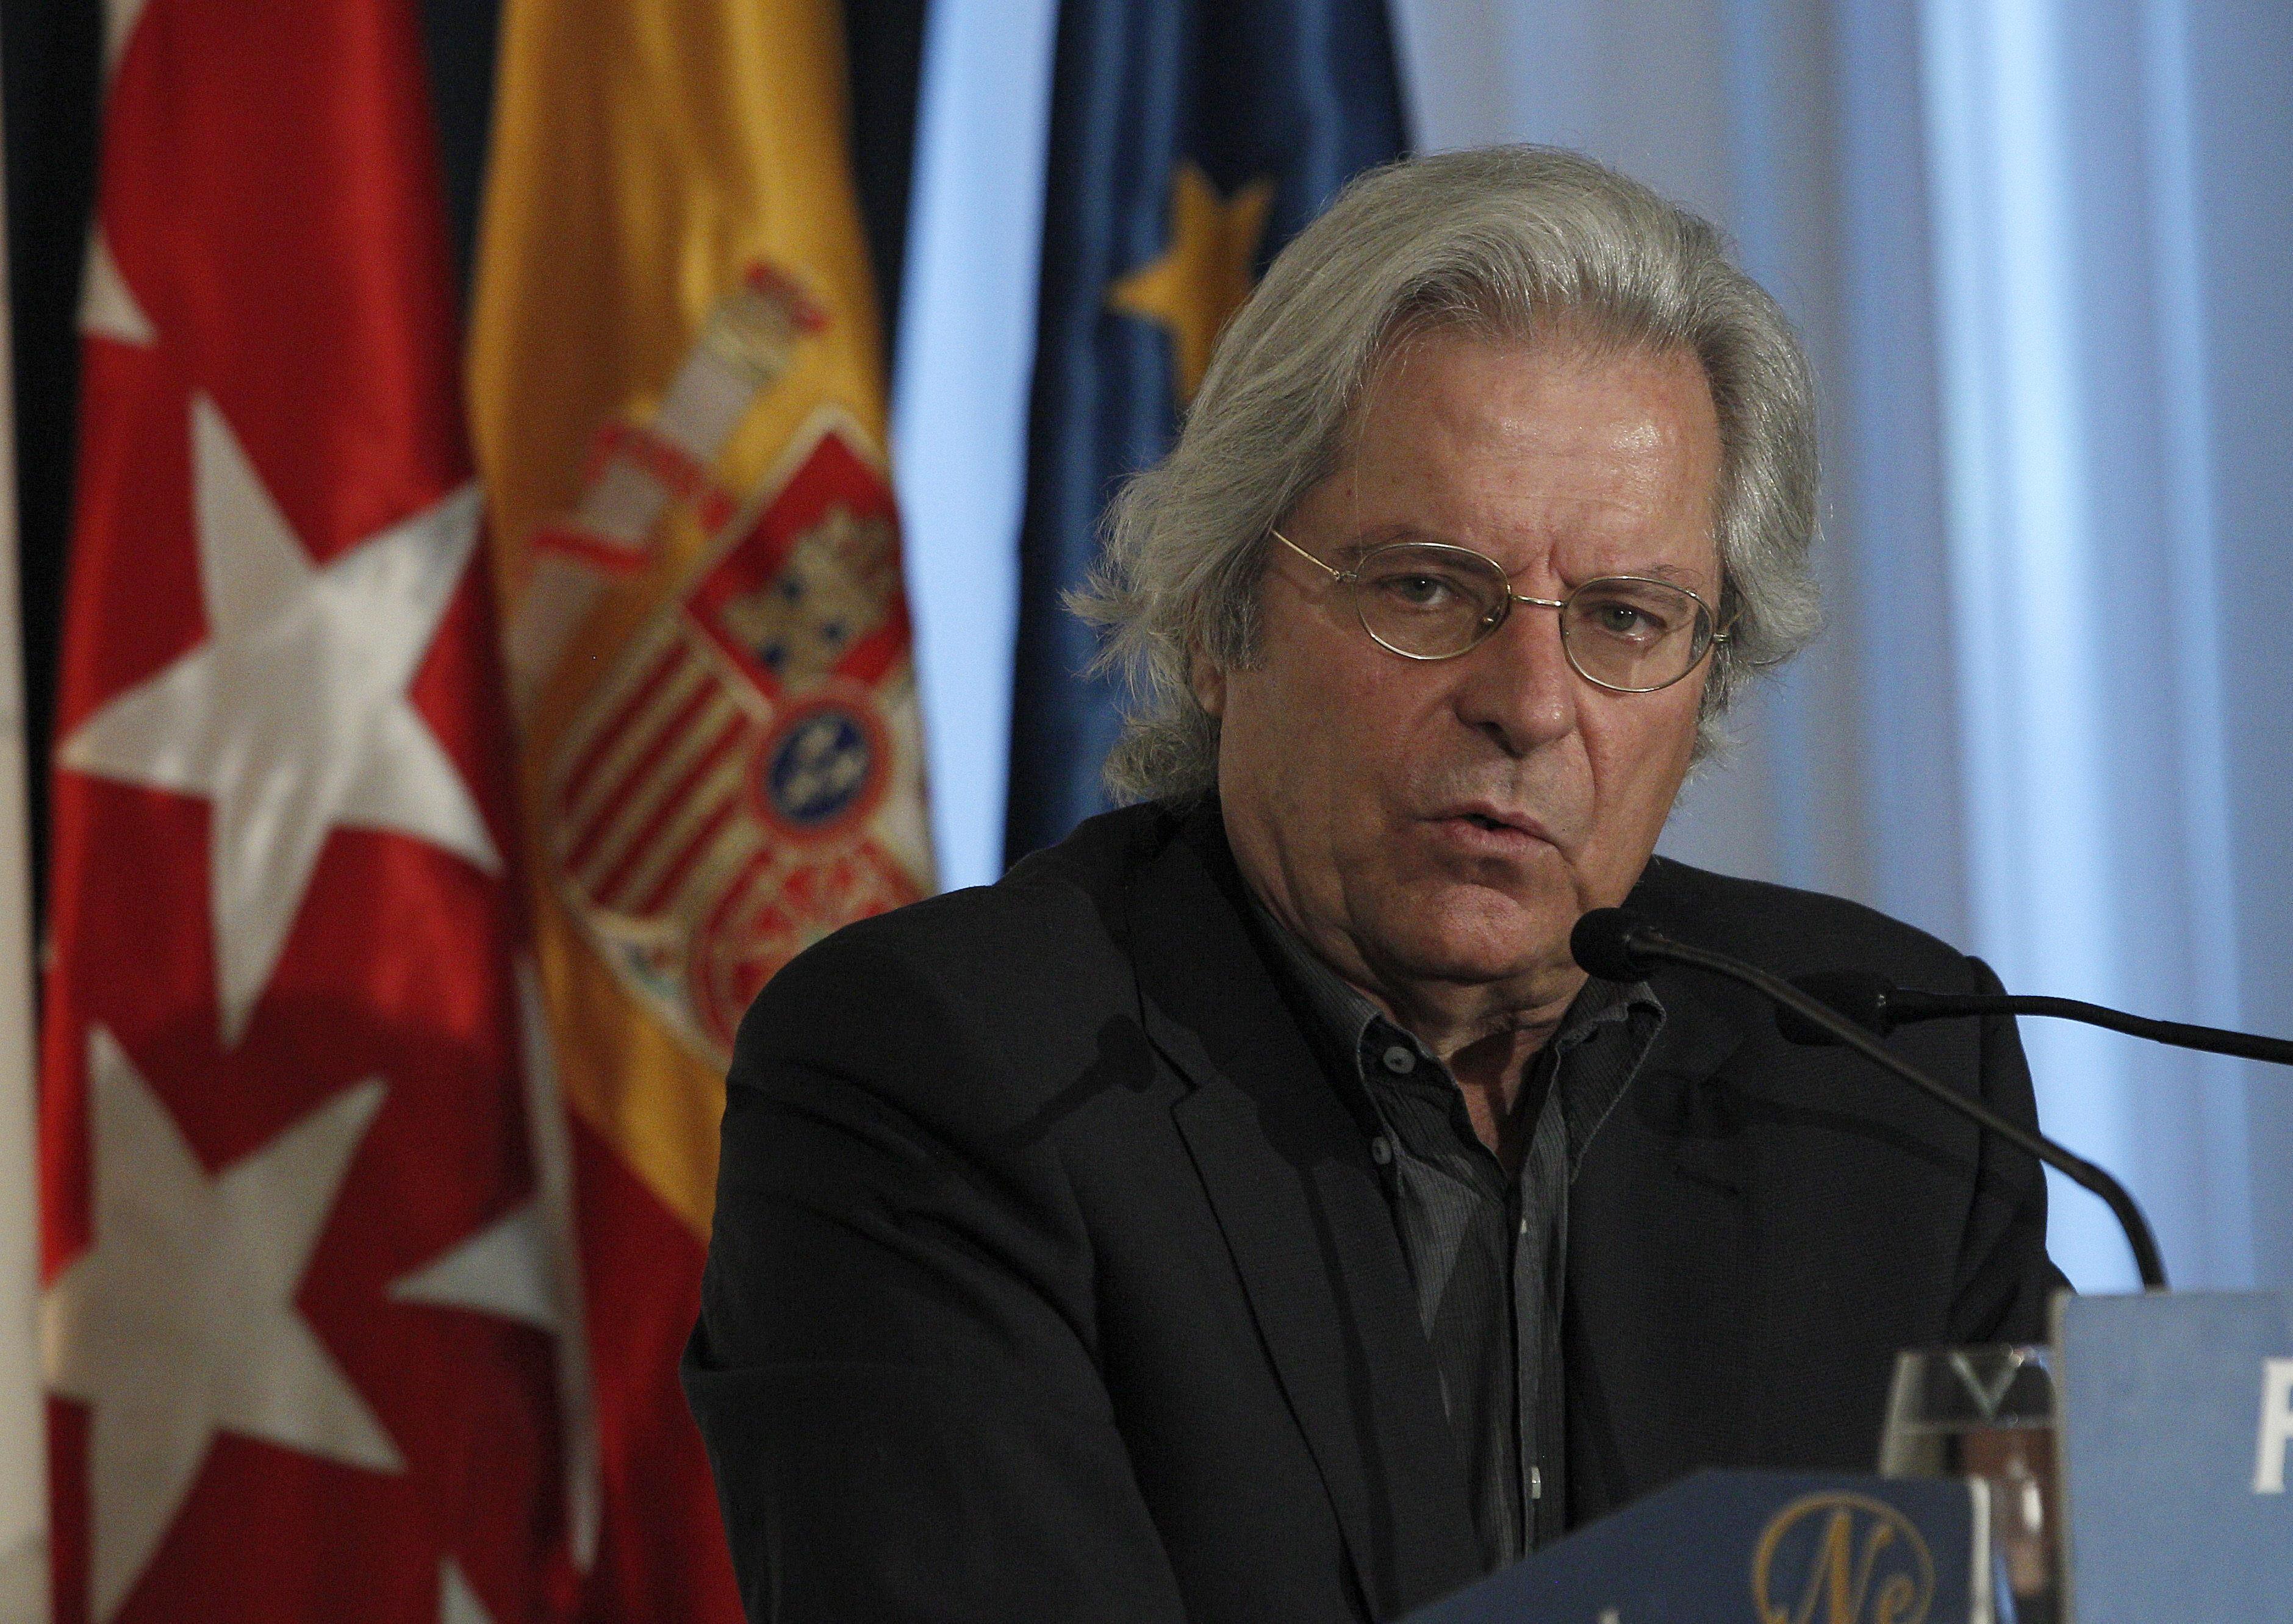 Nart asegura que los separatistas buscan un desastre económico y territorial